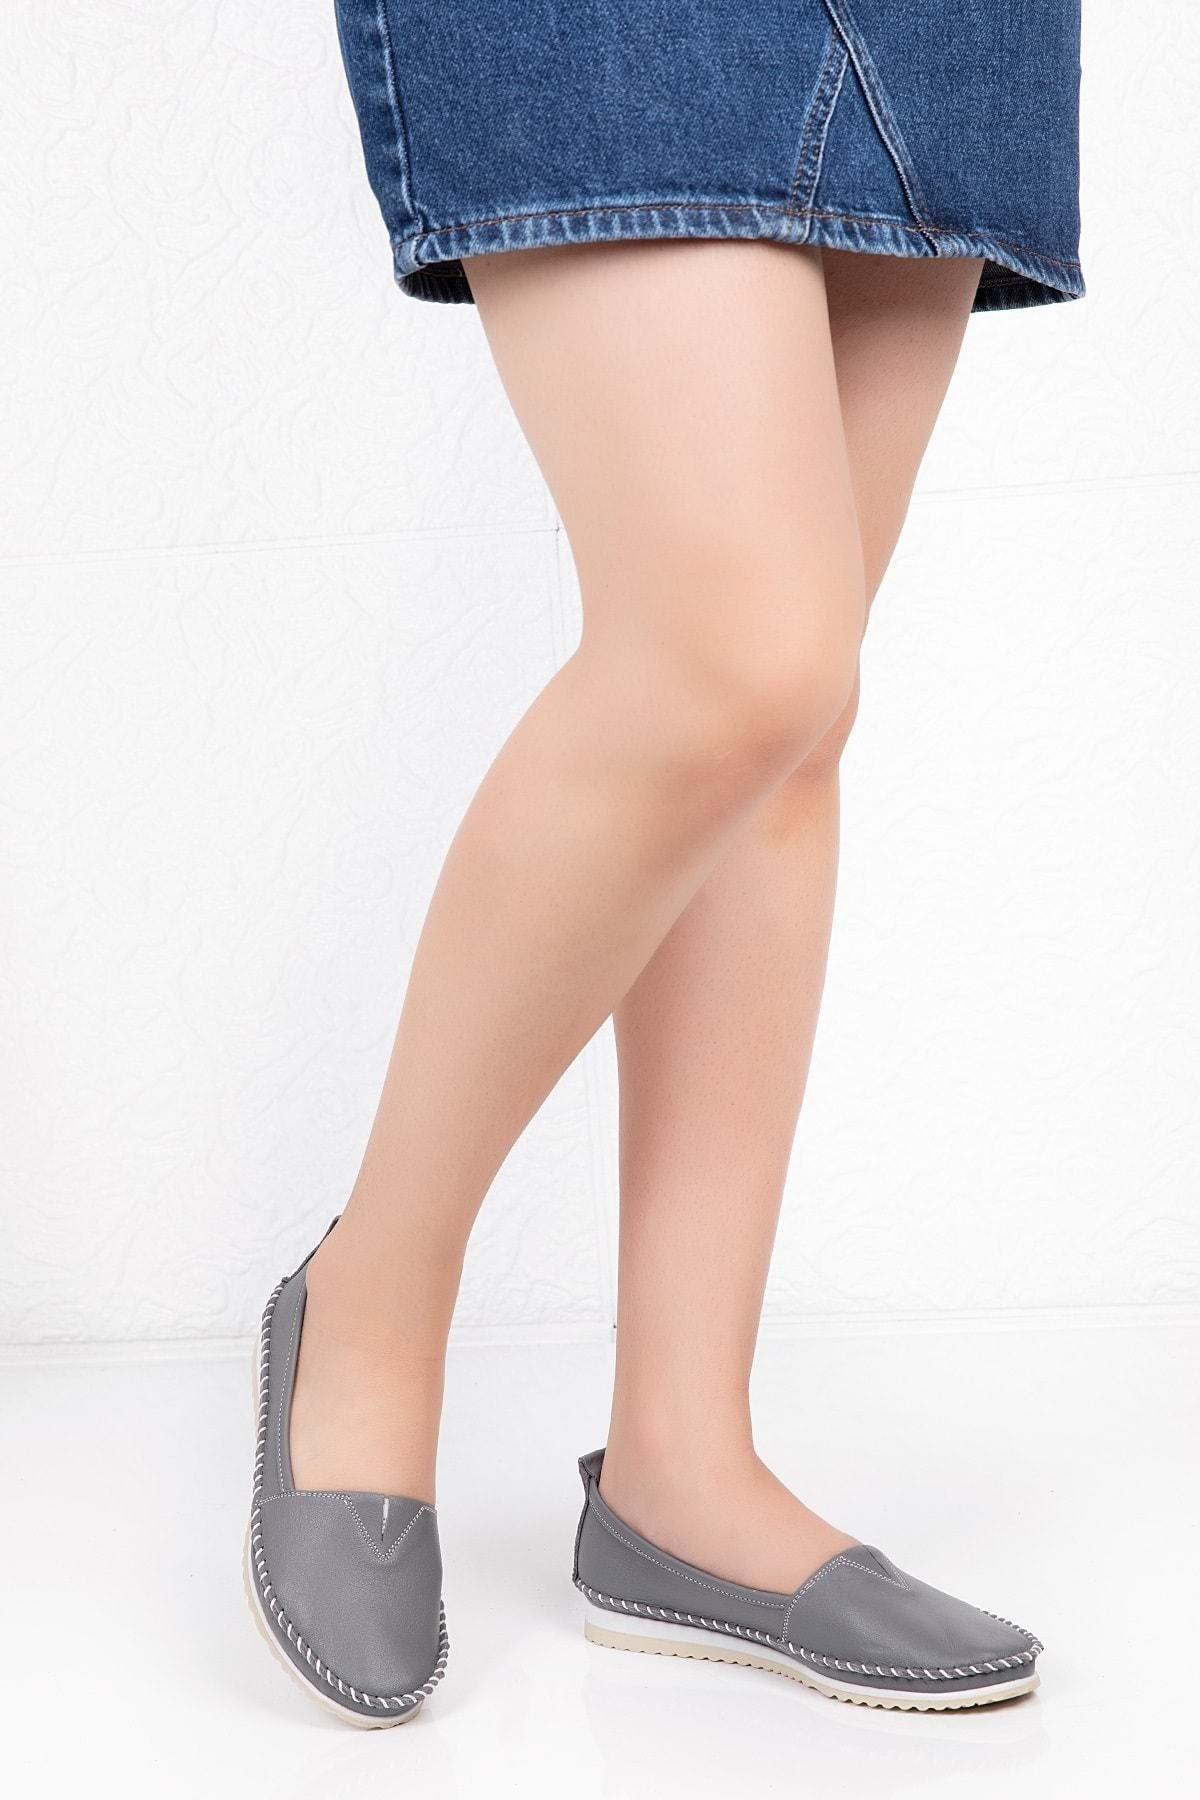 Gondol Kadın Gri Hakiki Deri Anatomik Taban Günlük Ayakkabı 39 Grs.20 1